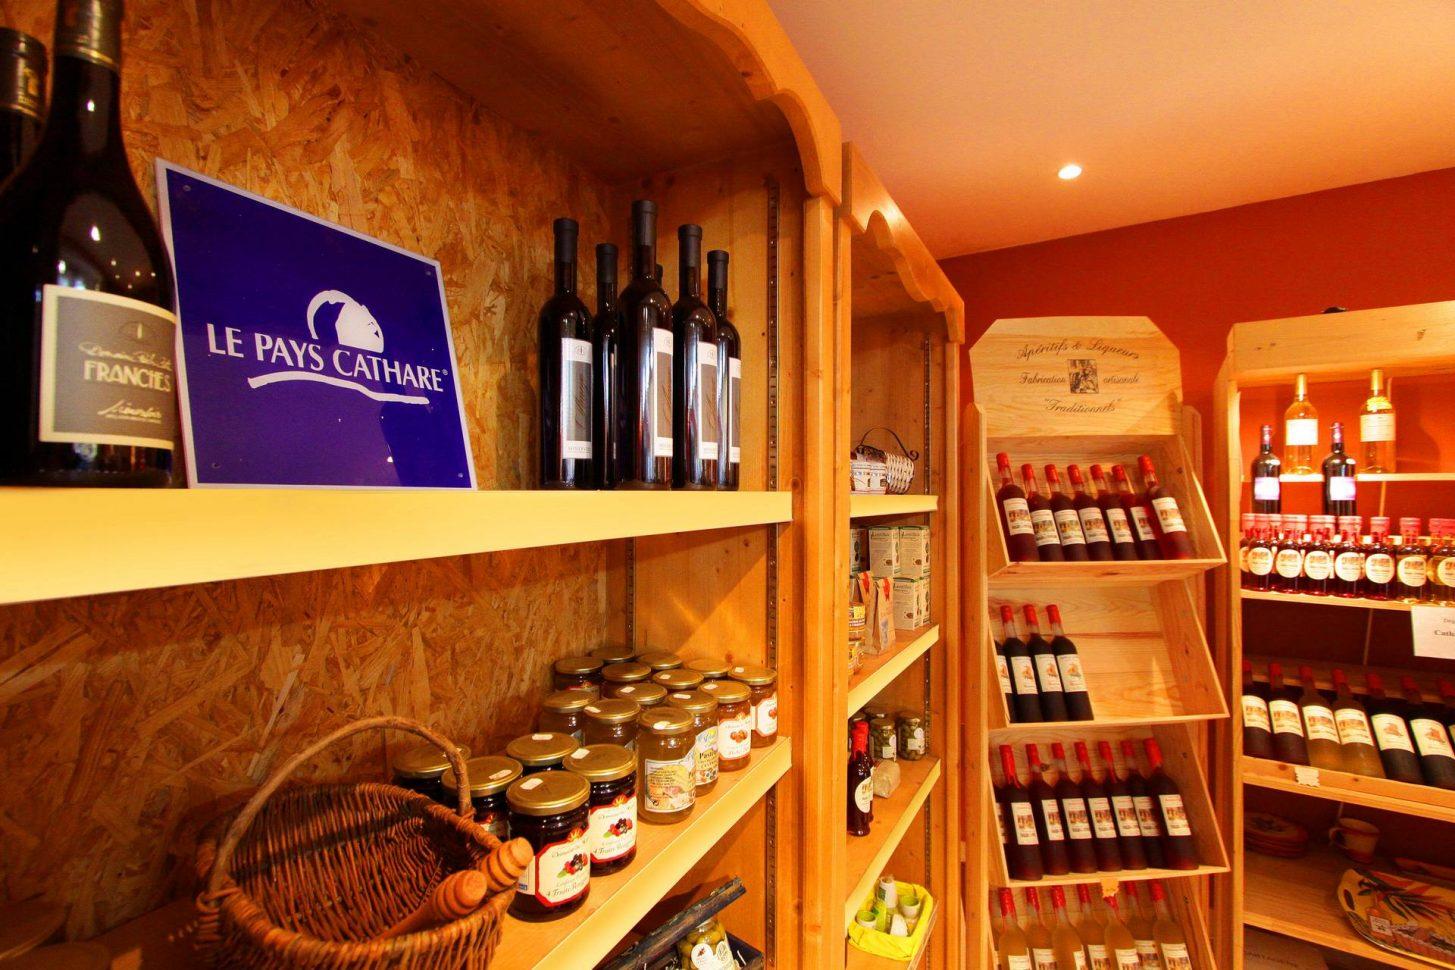 Boutique de produits Pays Cathare, Gouffre Géant de Cabrespine ©A.Marserou